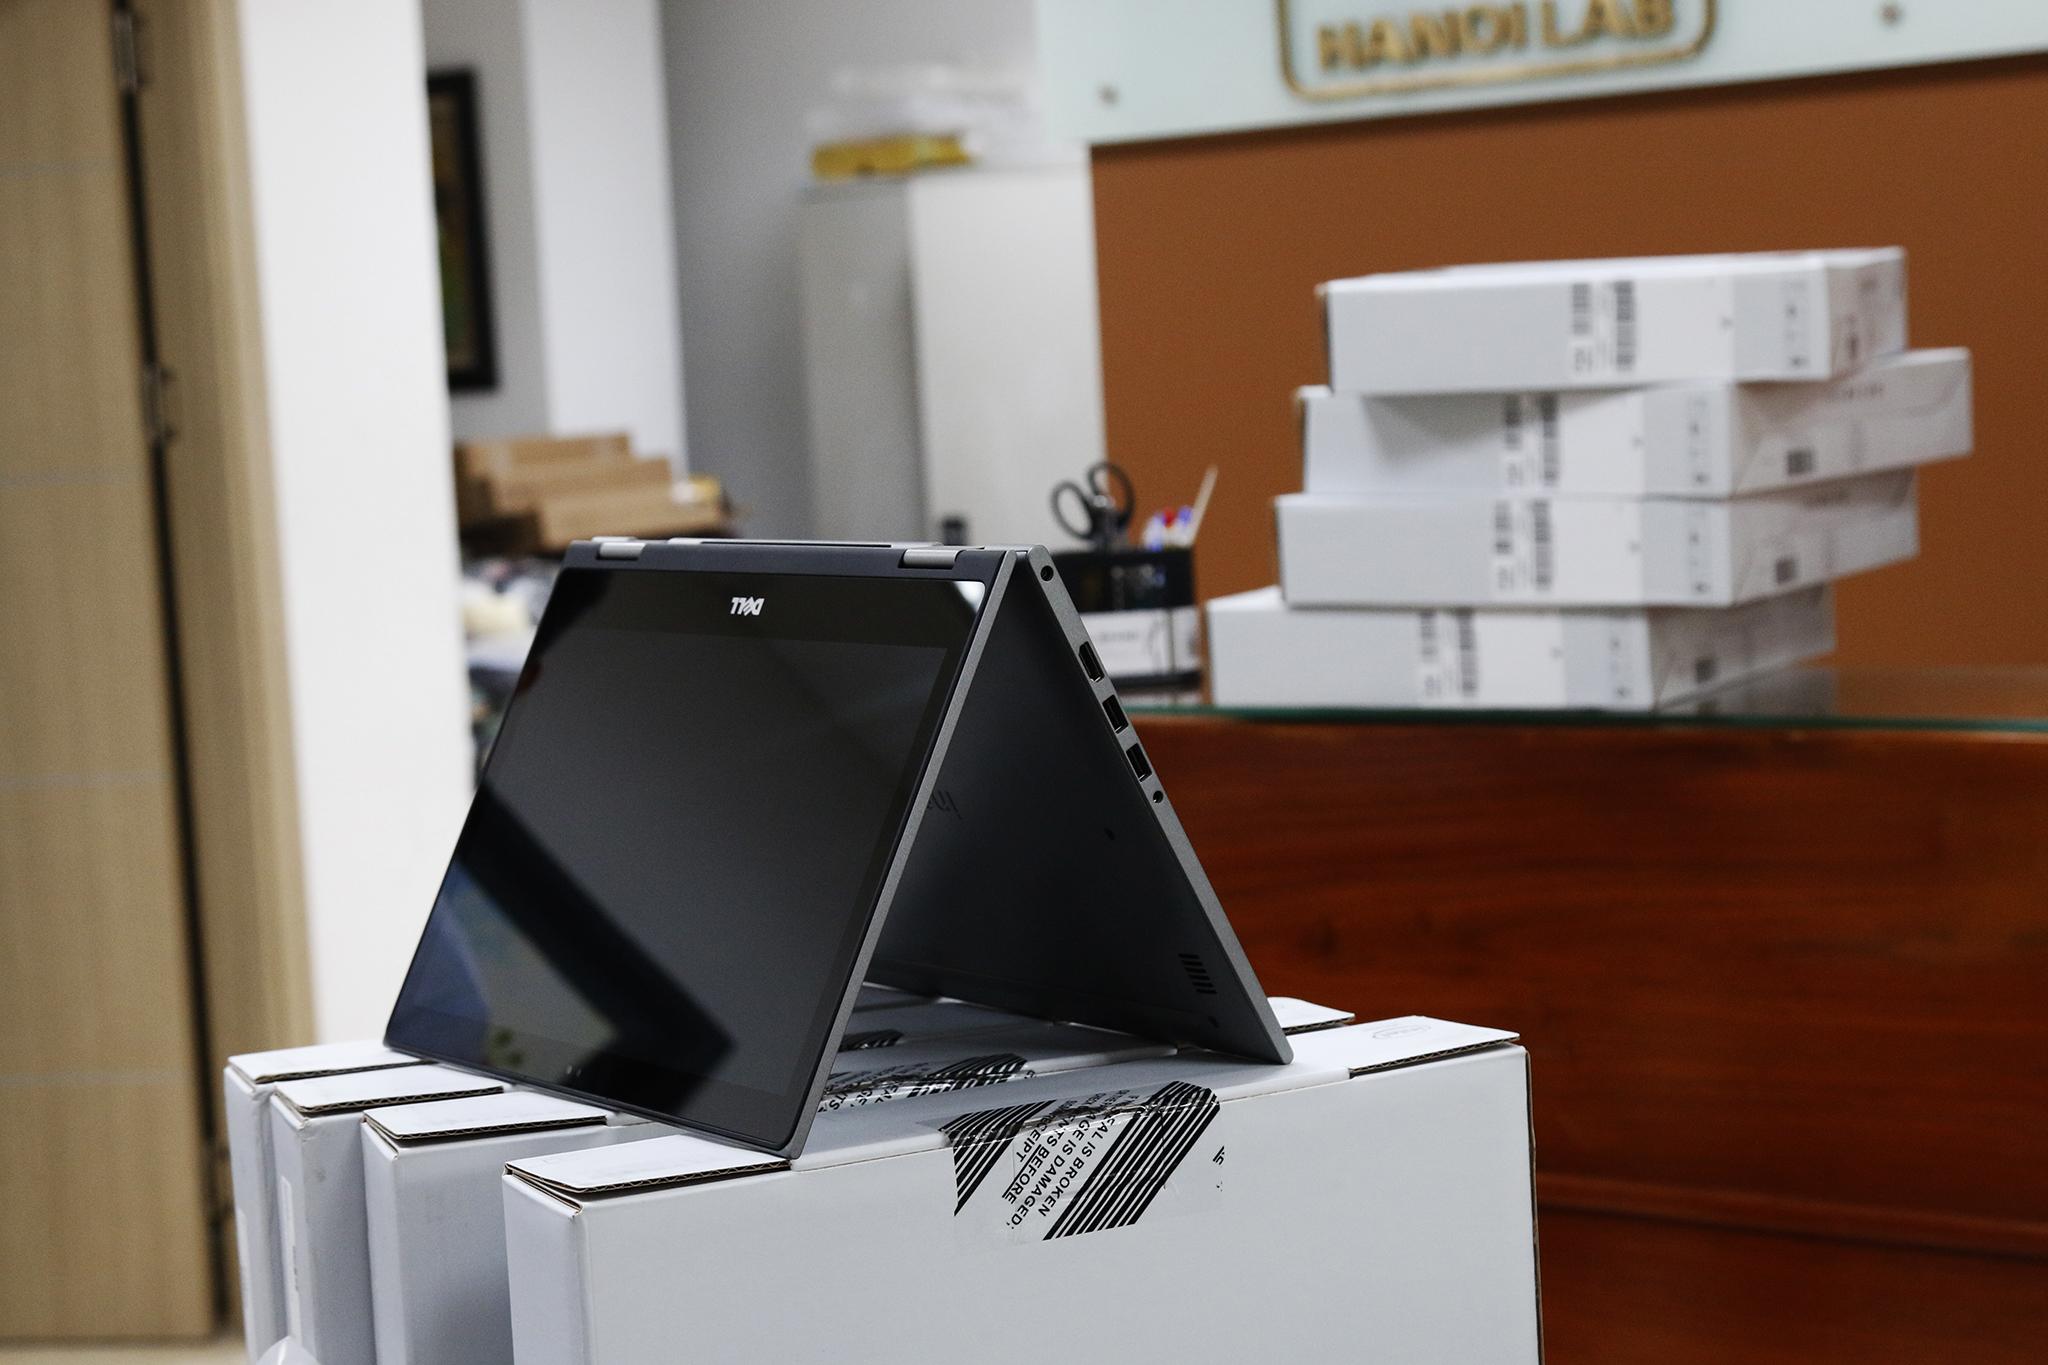 Dell-Inspiron-5379 (3).jpg